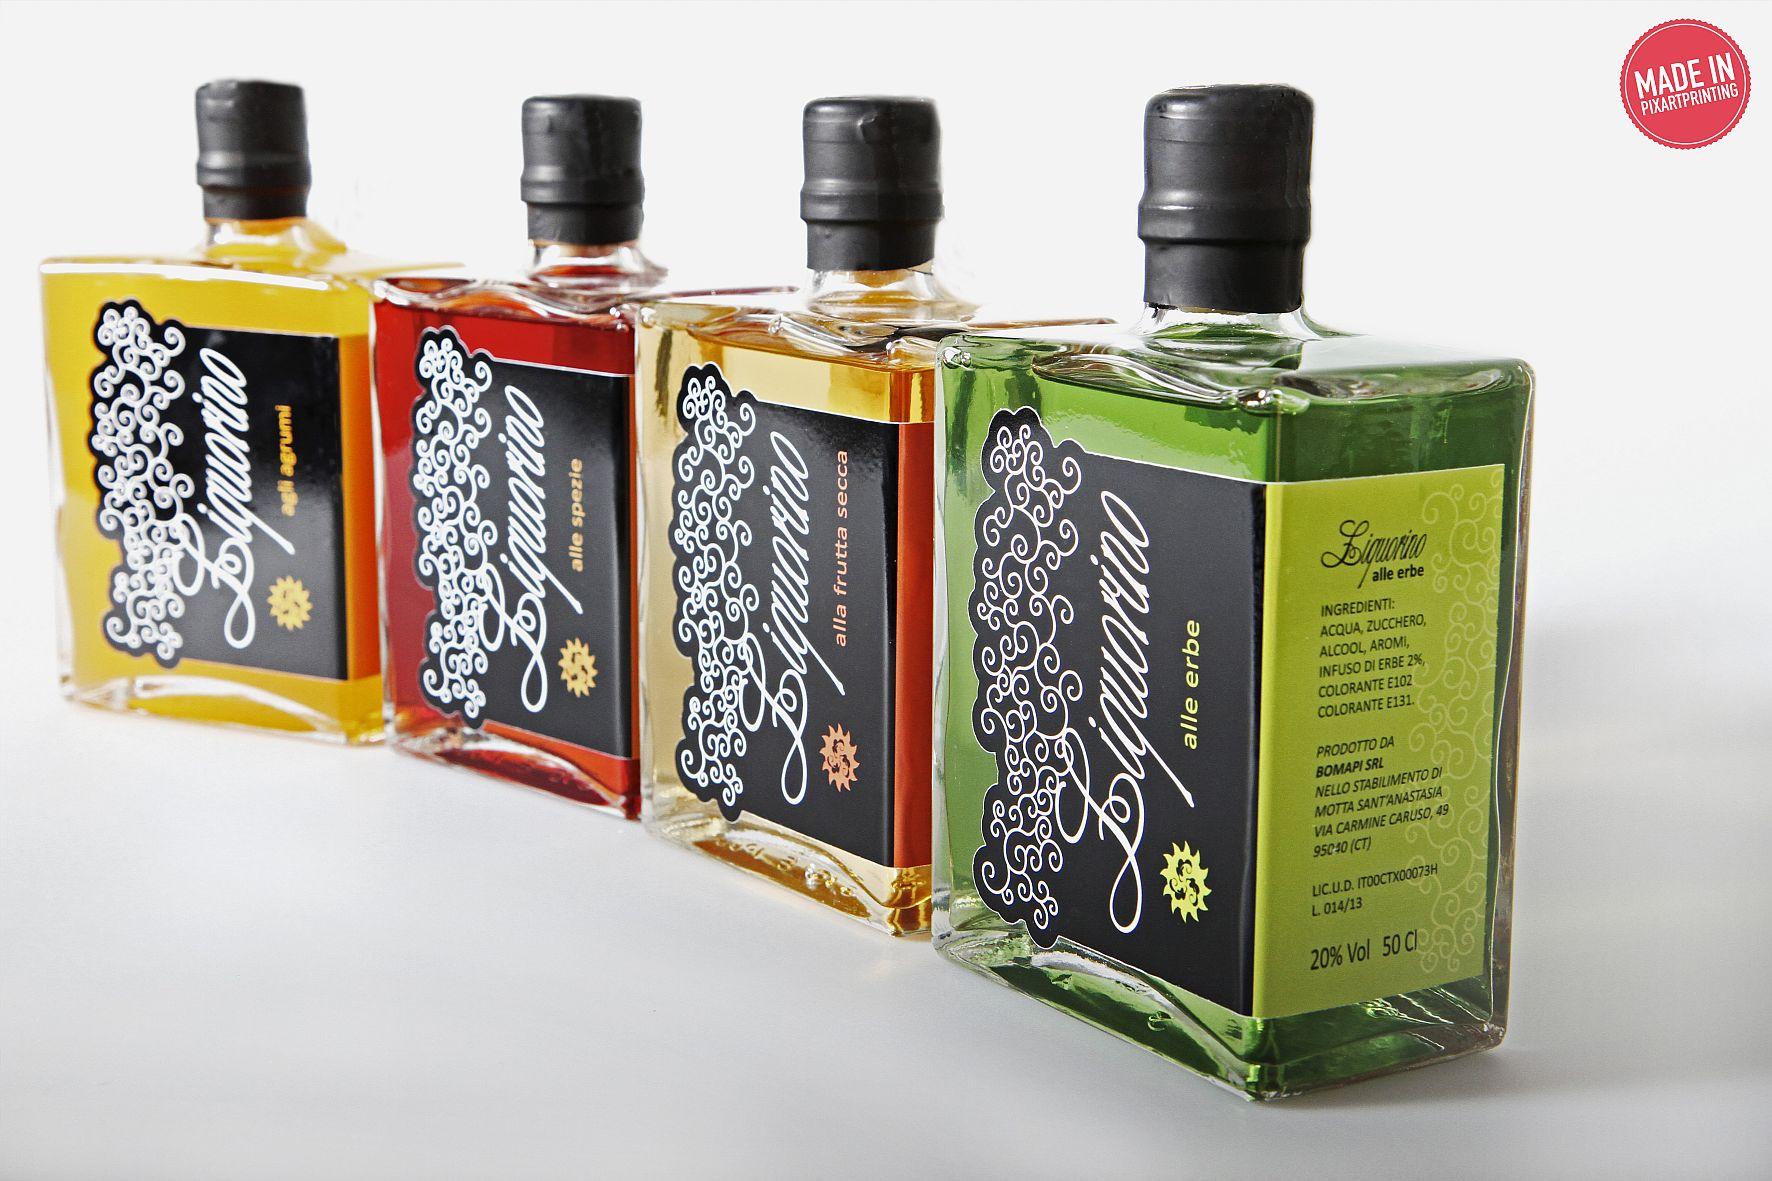 Liquorini Bomapi 2_300dpi